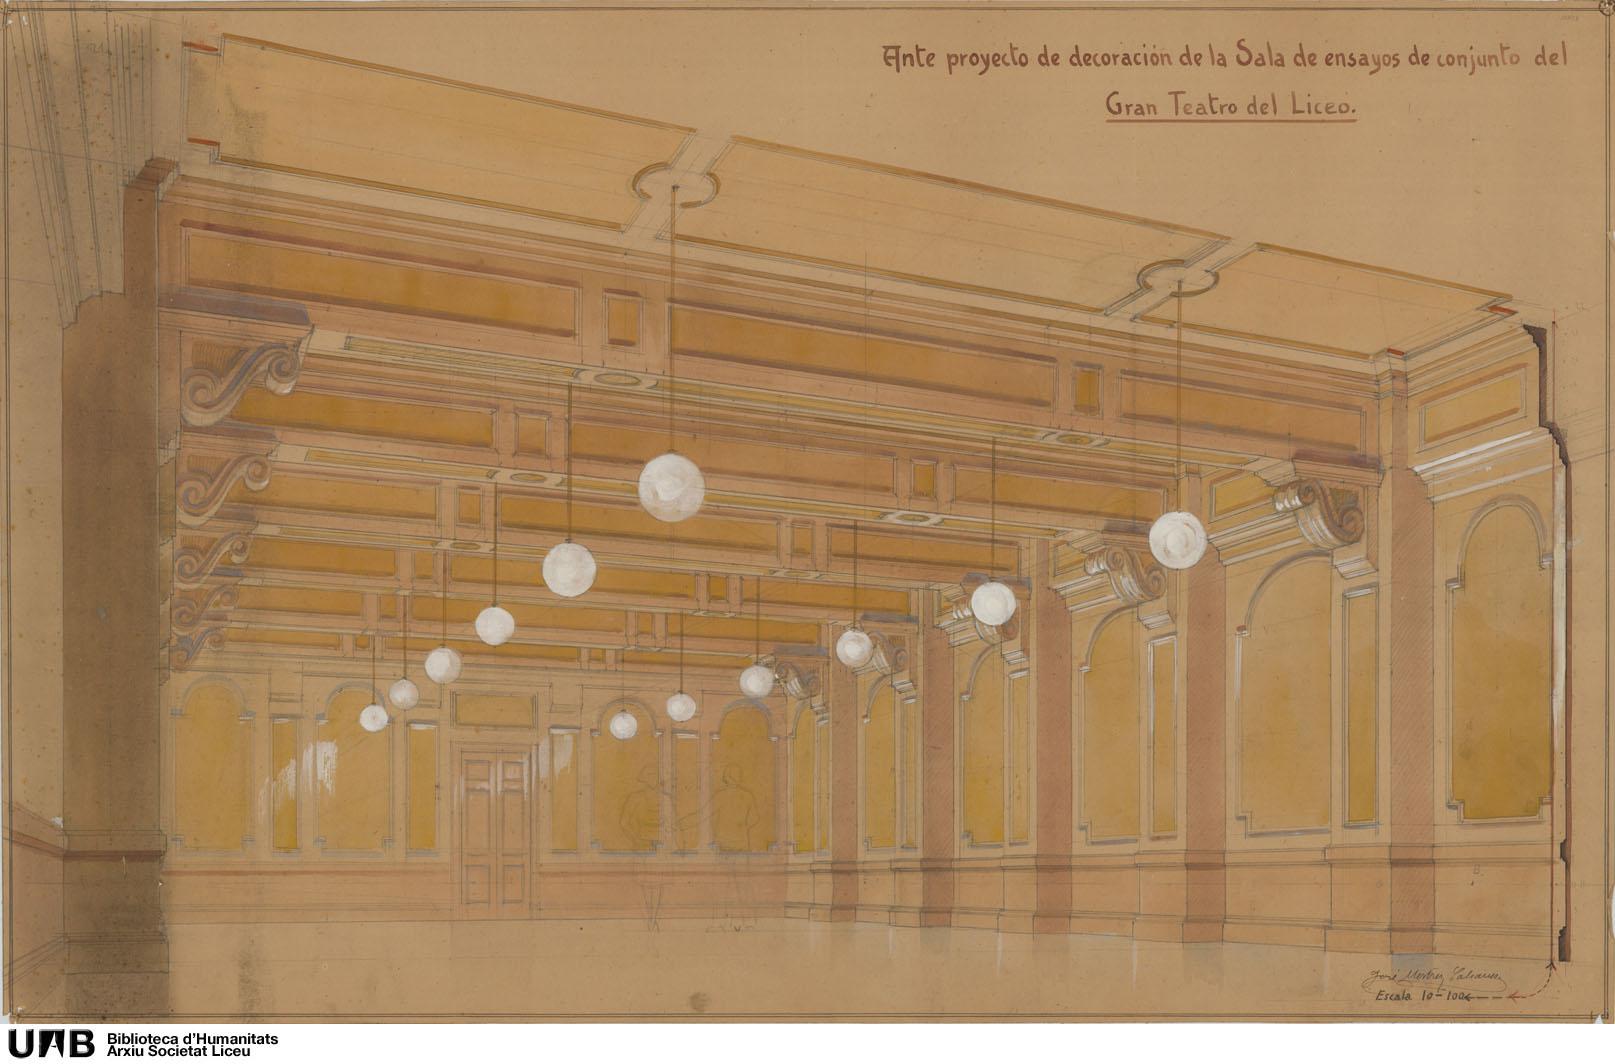 Ante proyecto de decoración de la Sala de ensayos de conjunto del Gran Teatro del Liceo : Perspectiva